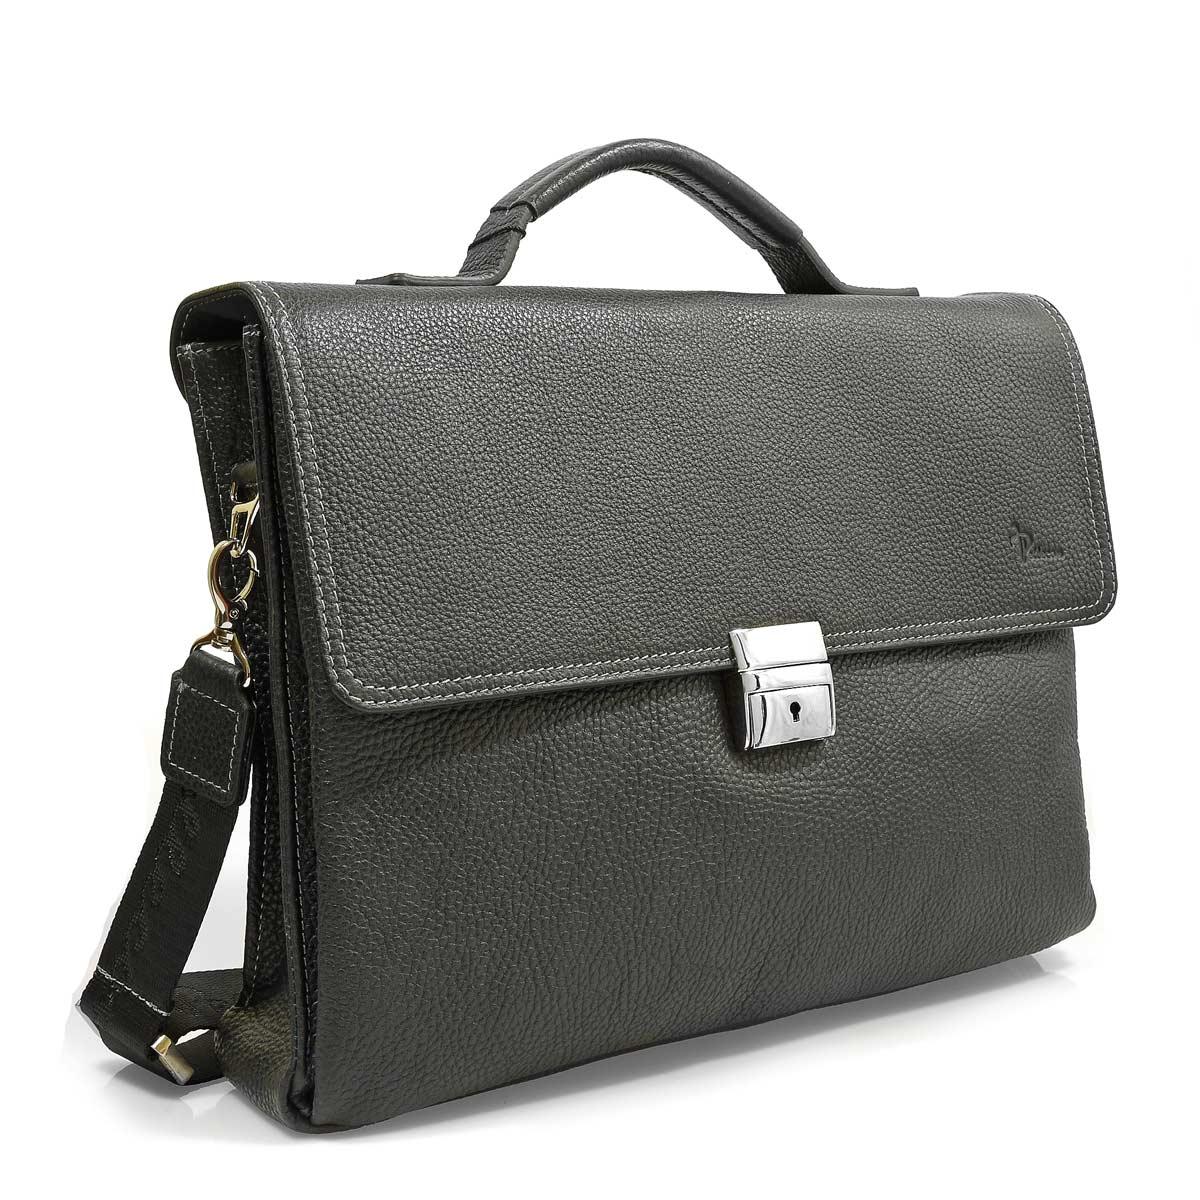 102-289-1 Men's Briefcase Pellekon